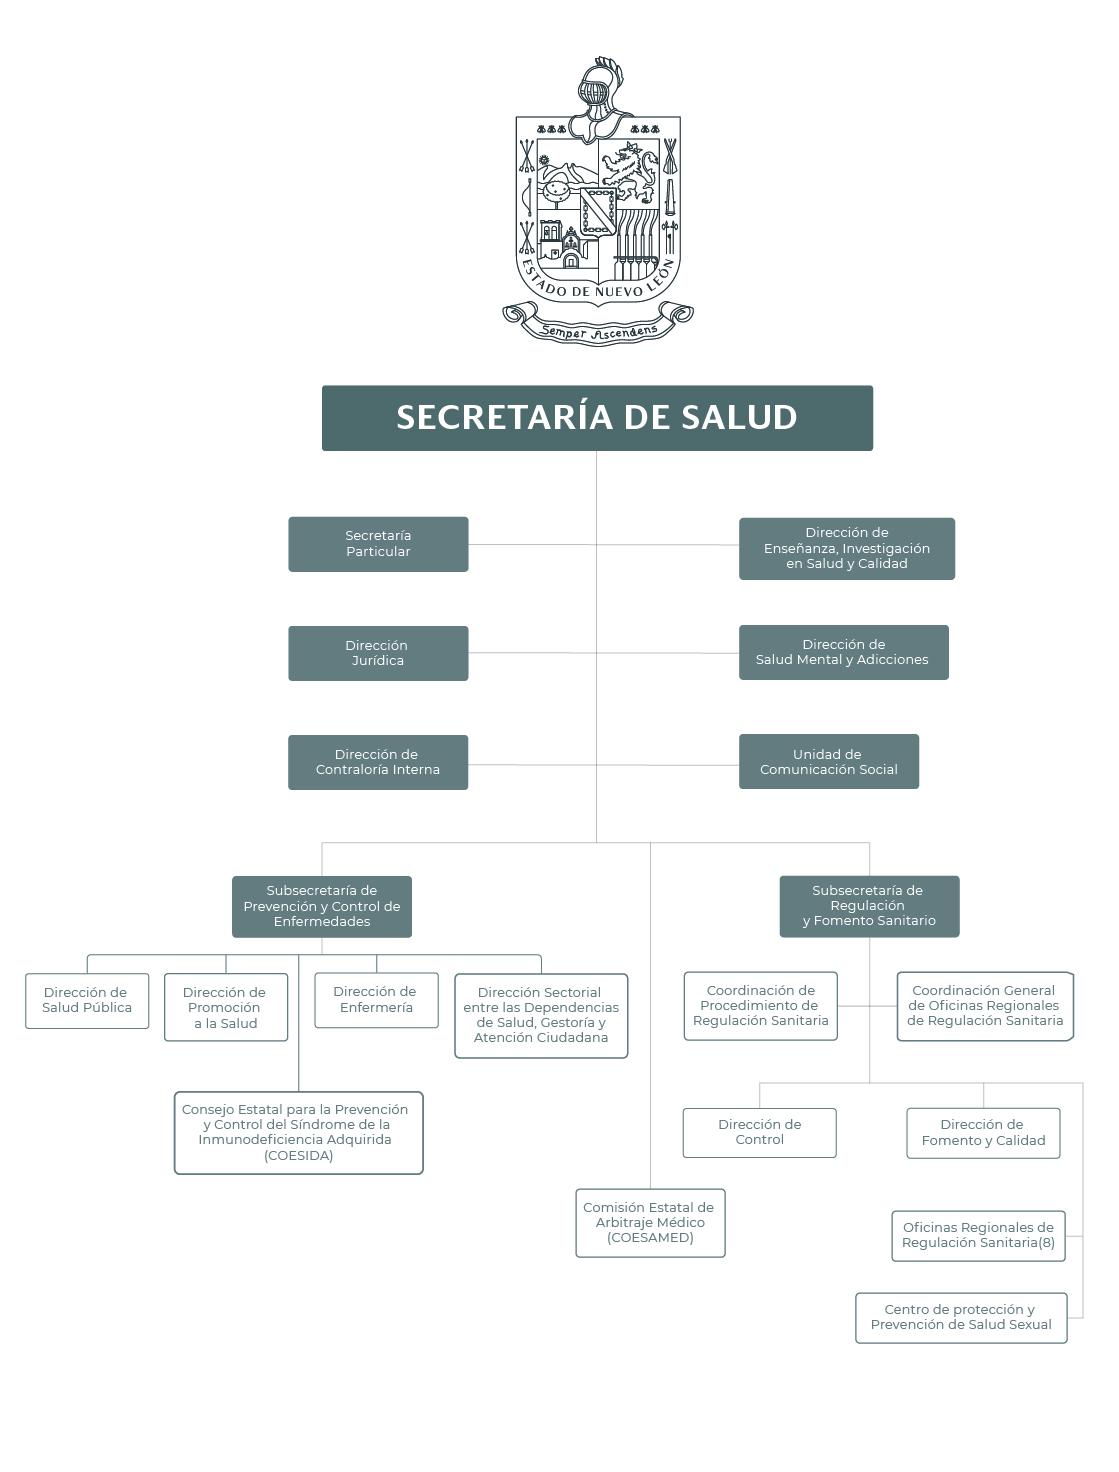 Organigrama de la Secretaría de Salud